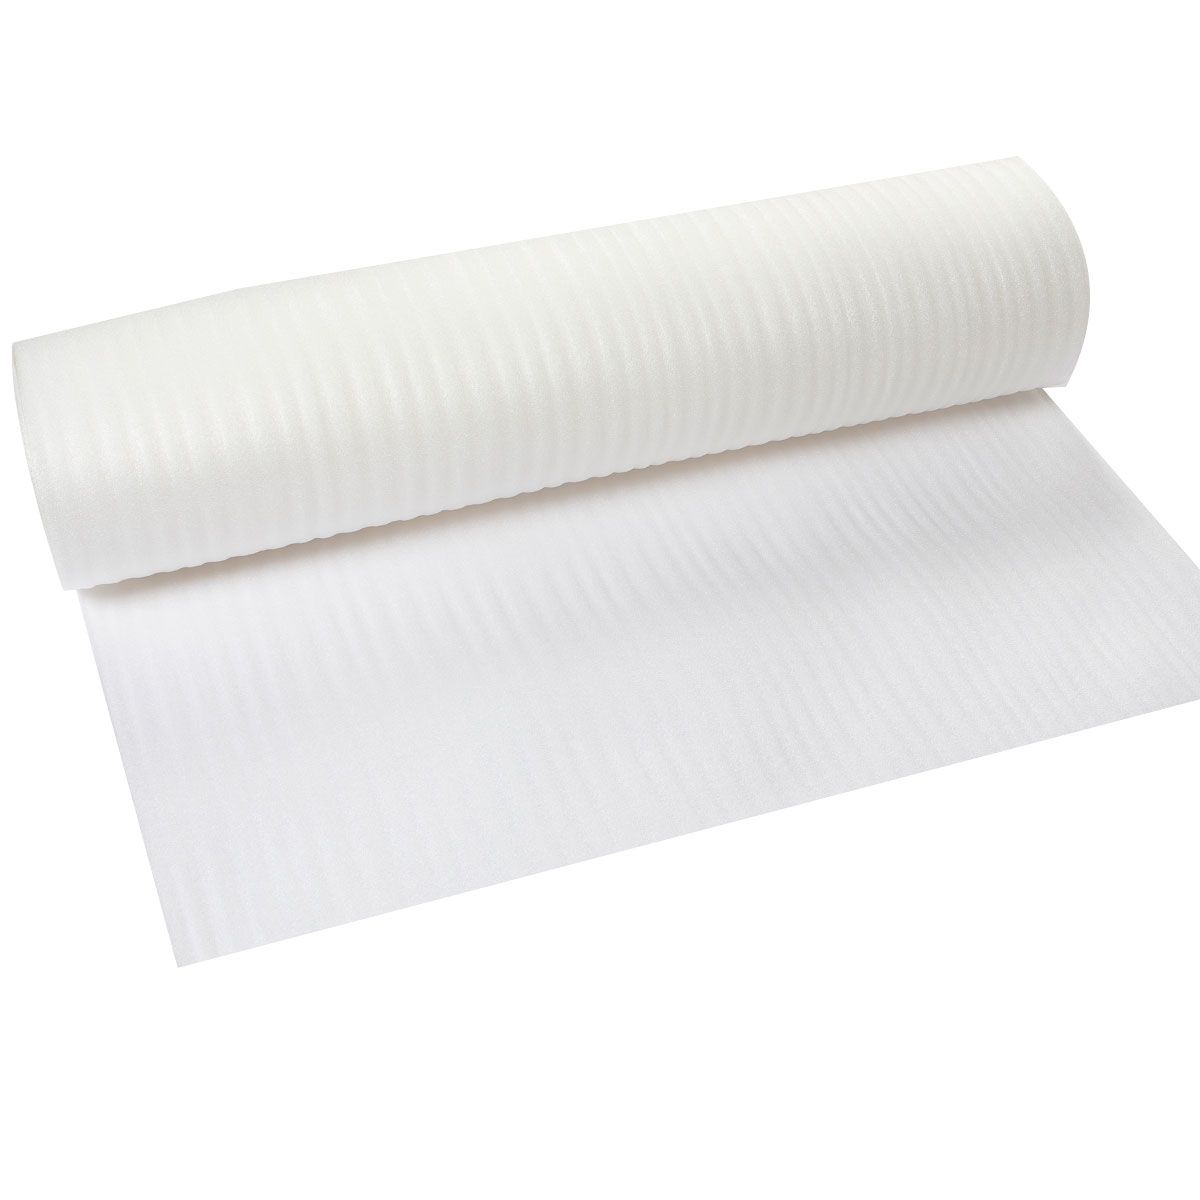 Sous couche selit trittex blanc 1000x25000mm